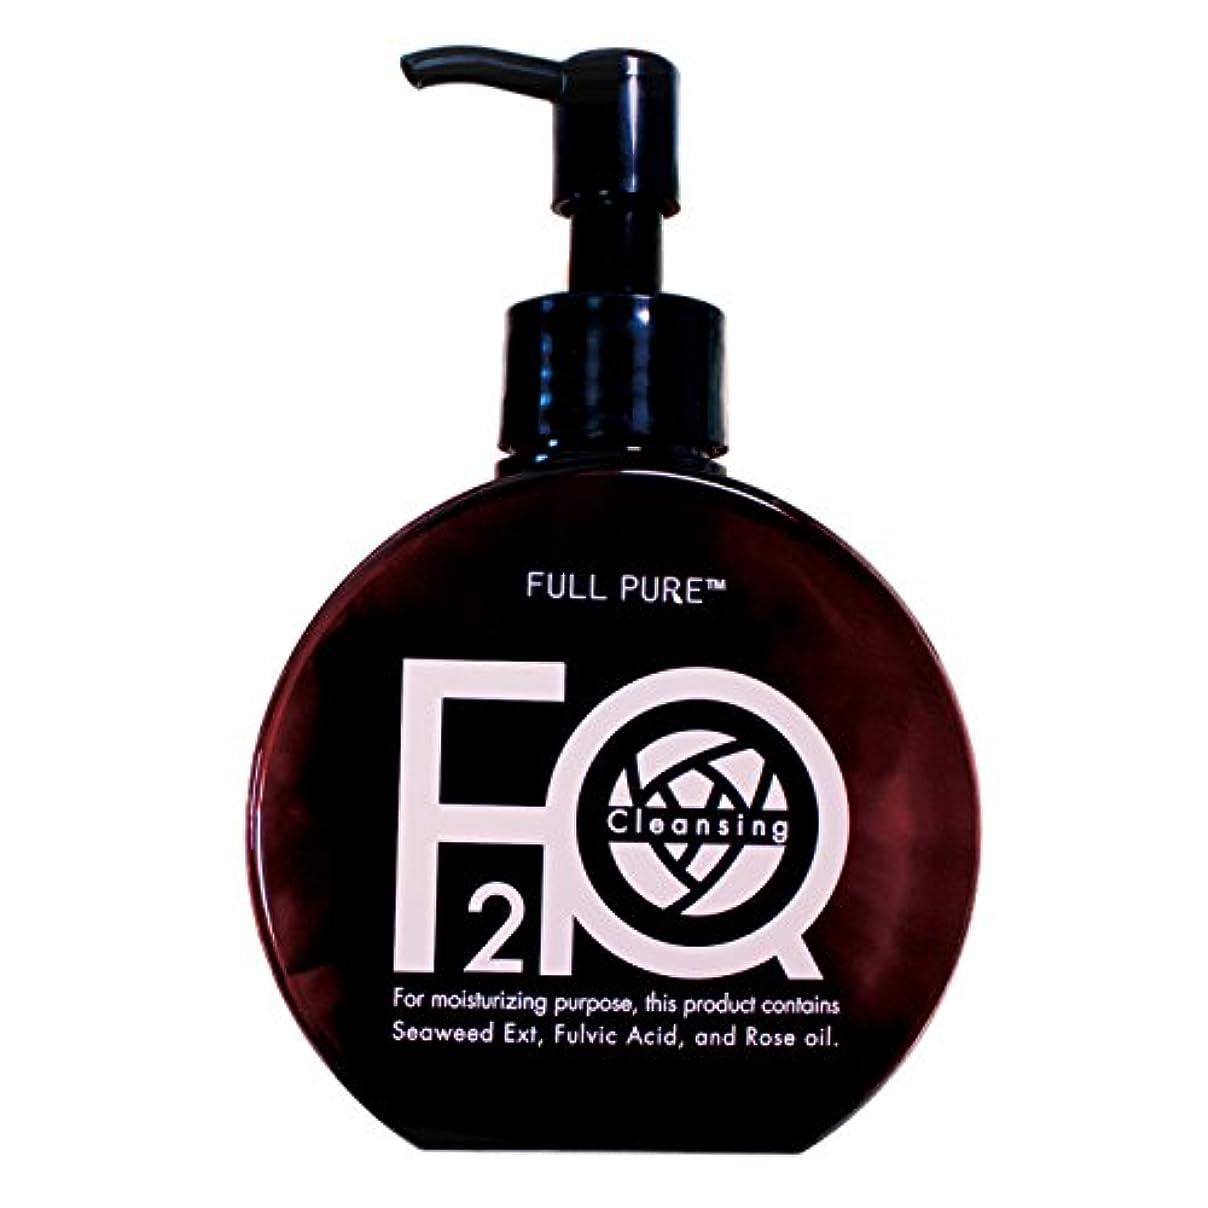 シャー量イライラするフルボ酸 Full Pure フルピュア F2R モイストクレンジングジェル (150ml)